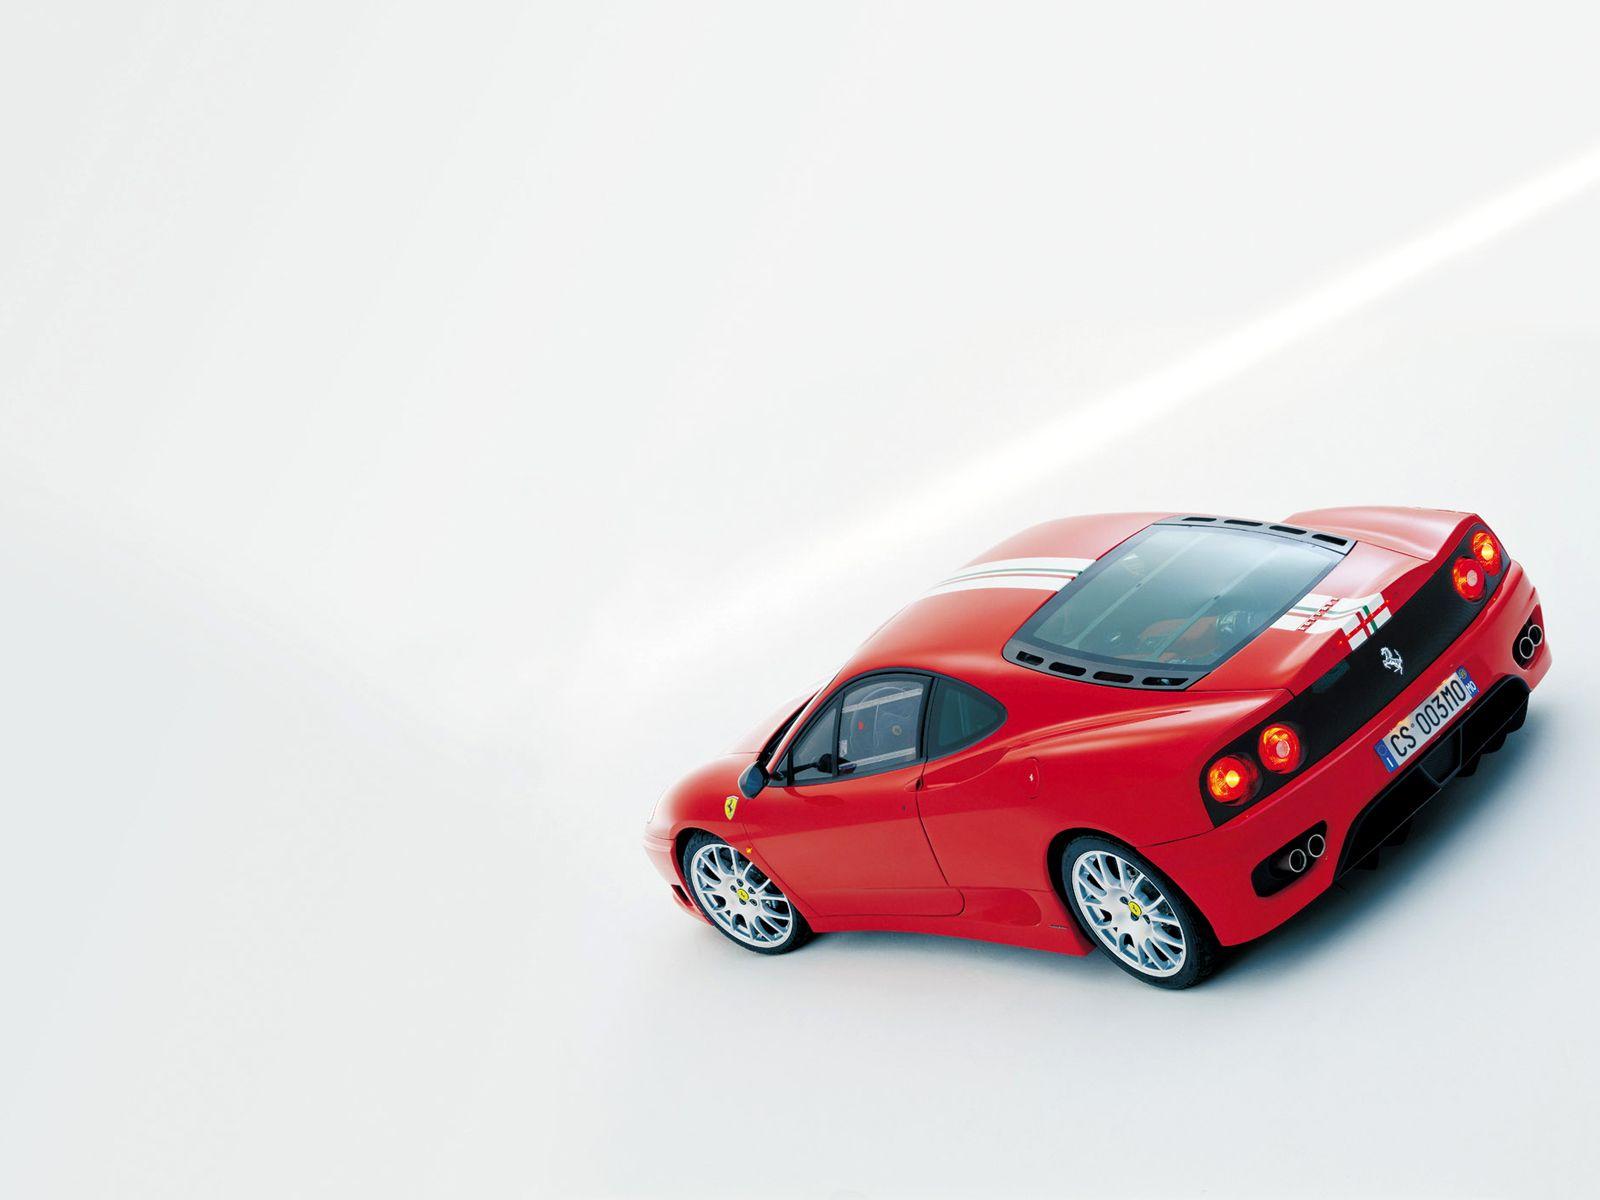 图片标题:法拉利跑车点击上图出现显示完整尺寸壁纸的新窗高清图片